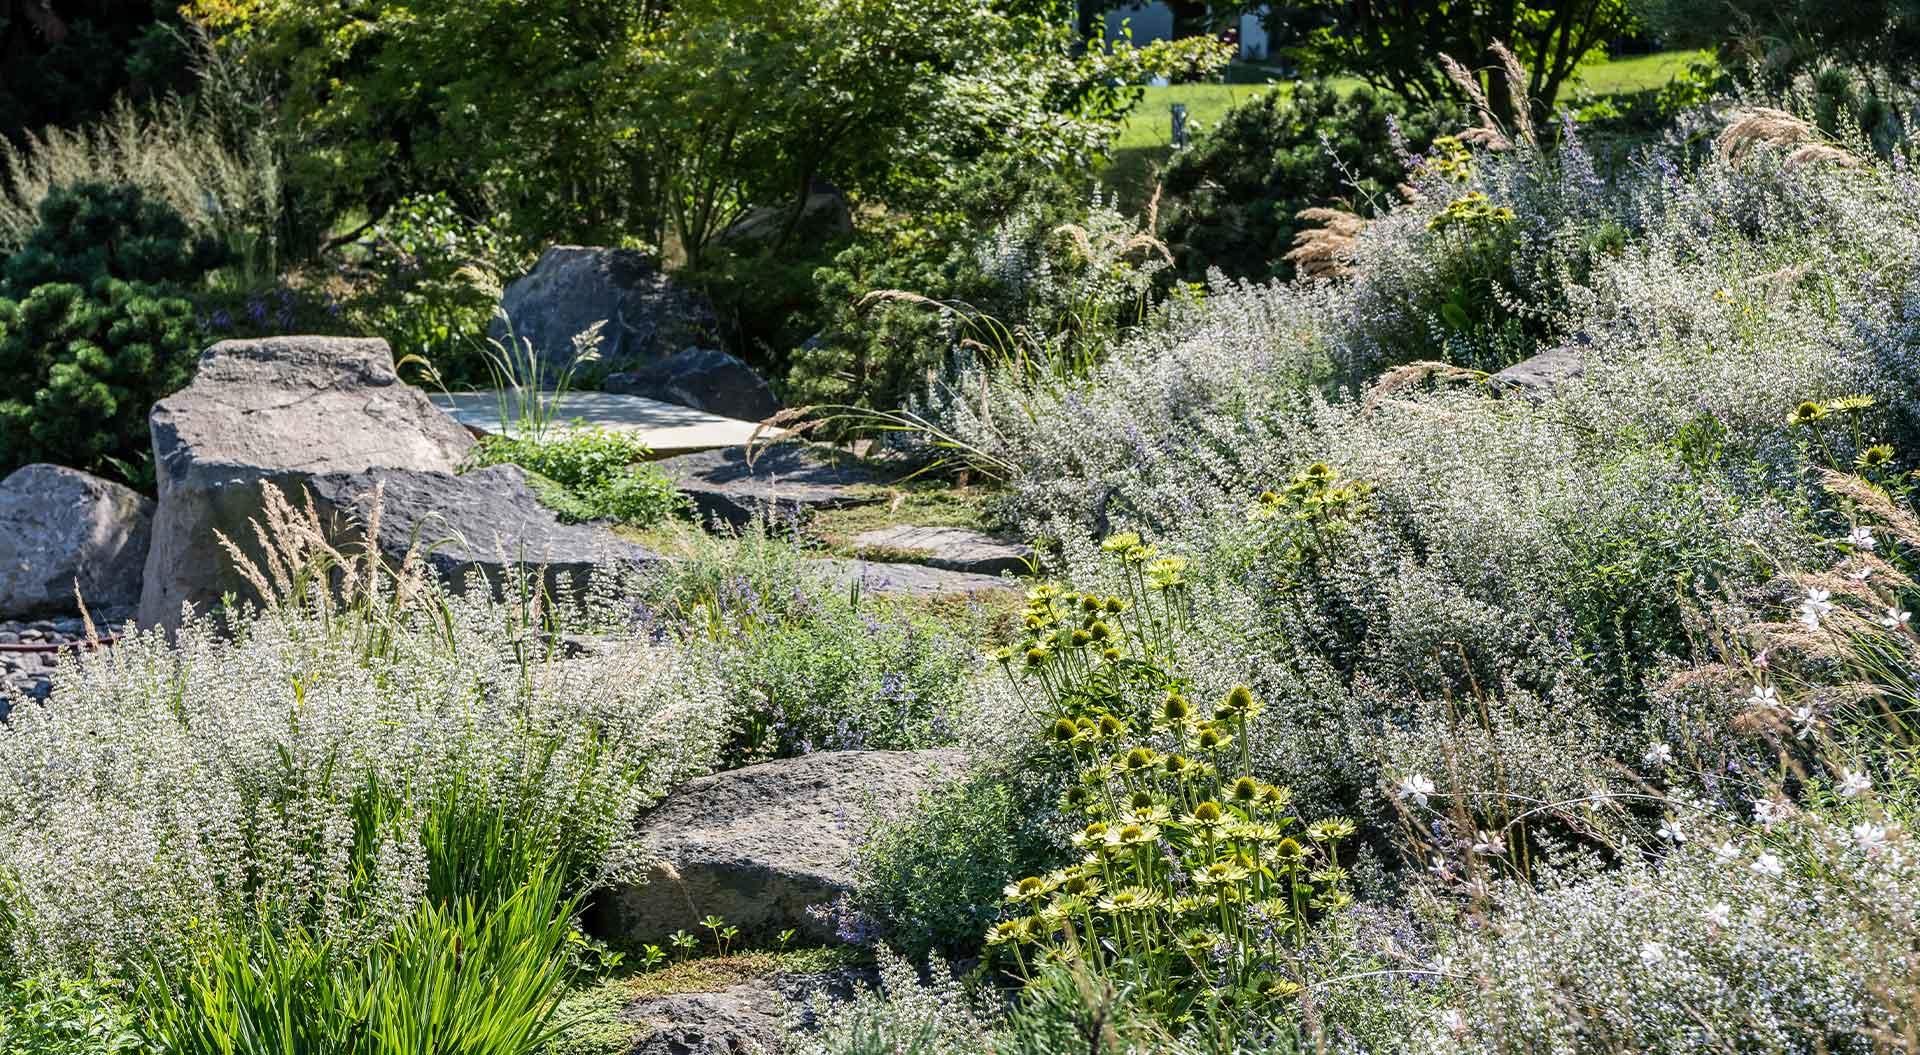 Blumen und Sträucher umringen einen Weg aus Natursteinplatten